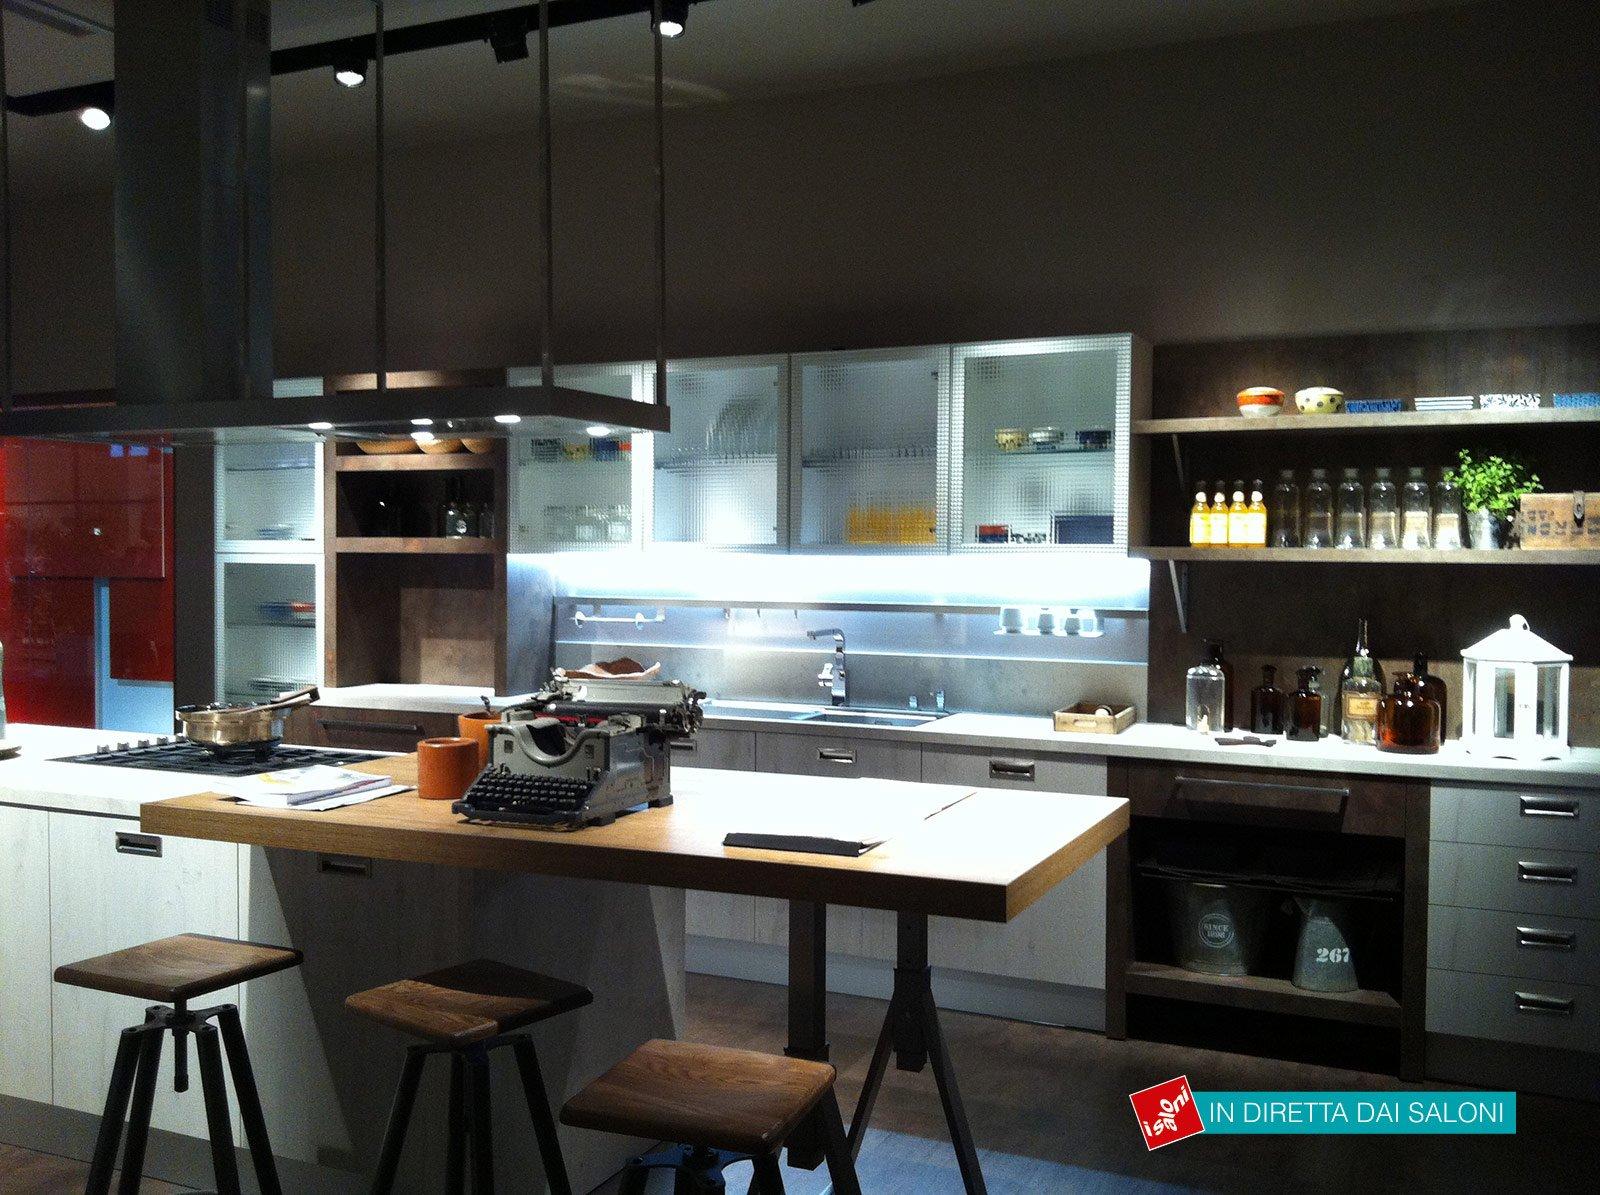 Cucina Della Collezione Ice And Sand Industrial Edition Di Febal In  #937738 1600 1195 Cucine Industriali Per Casa